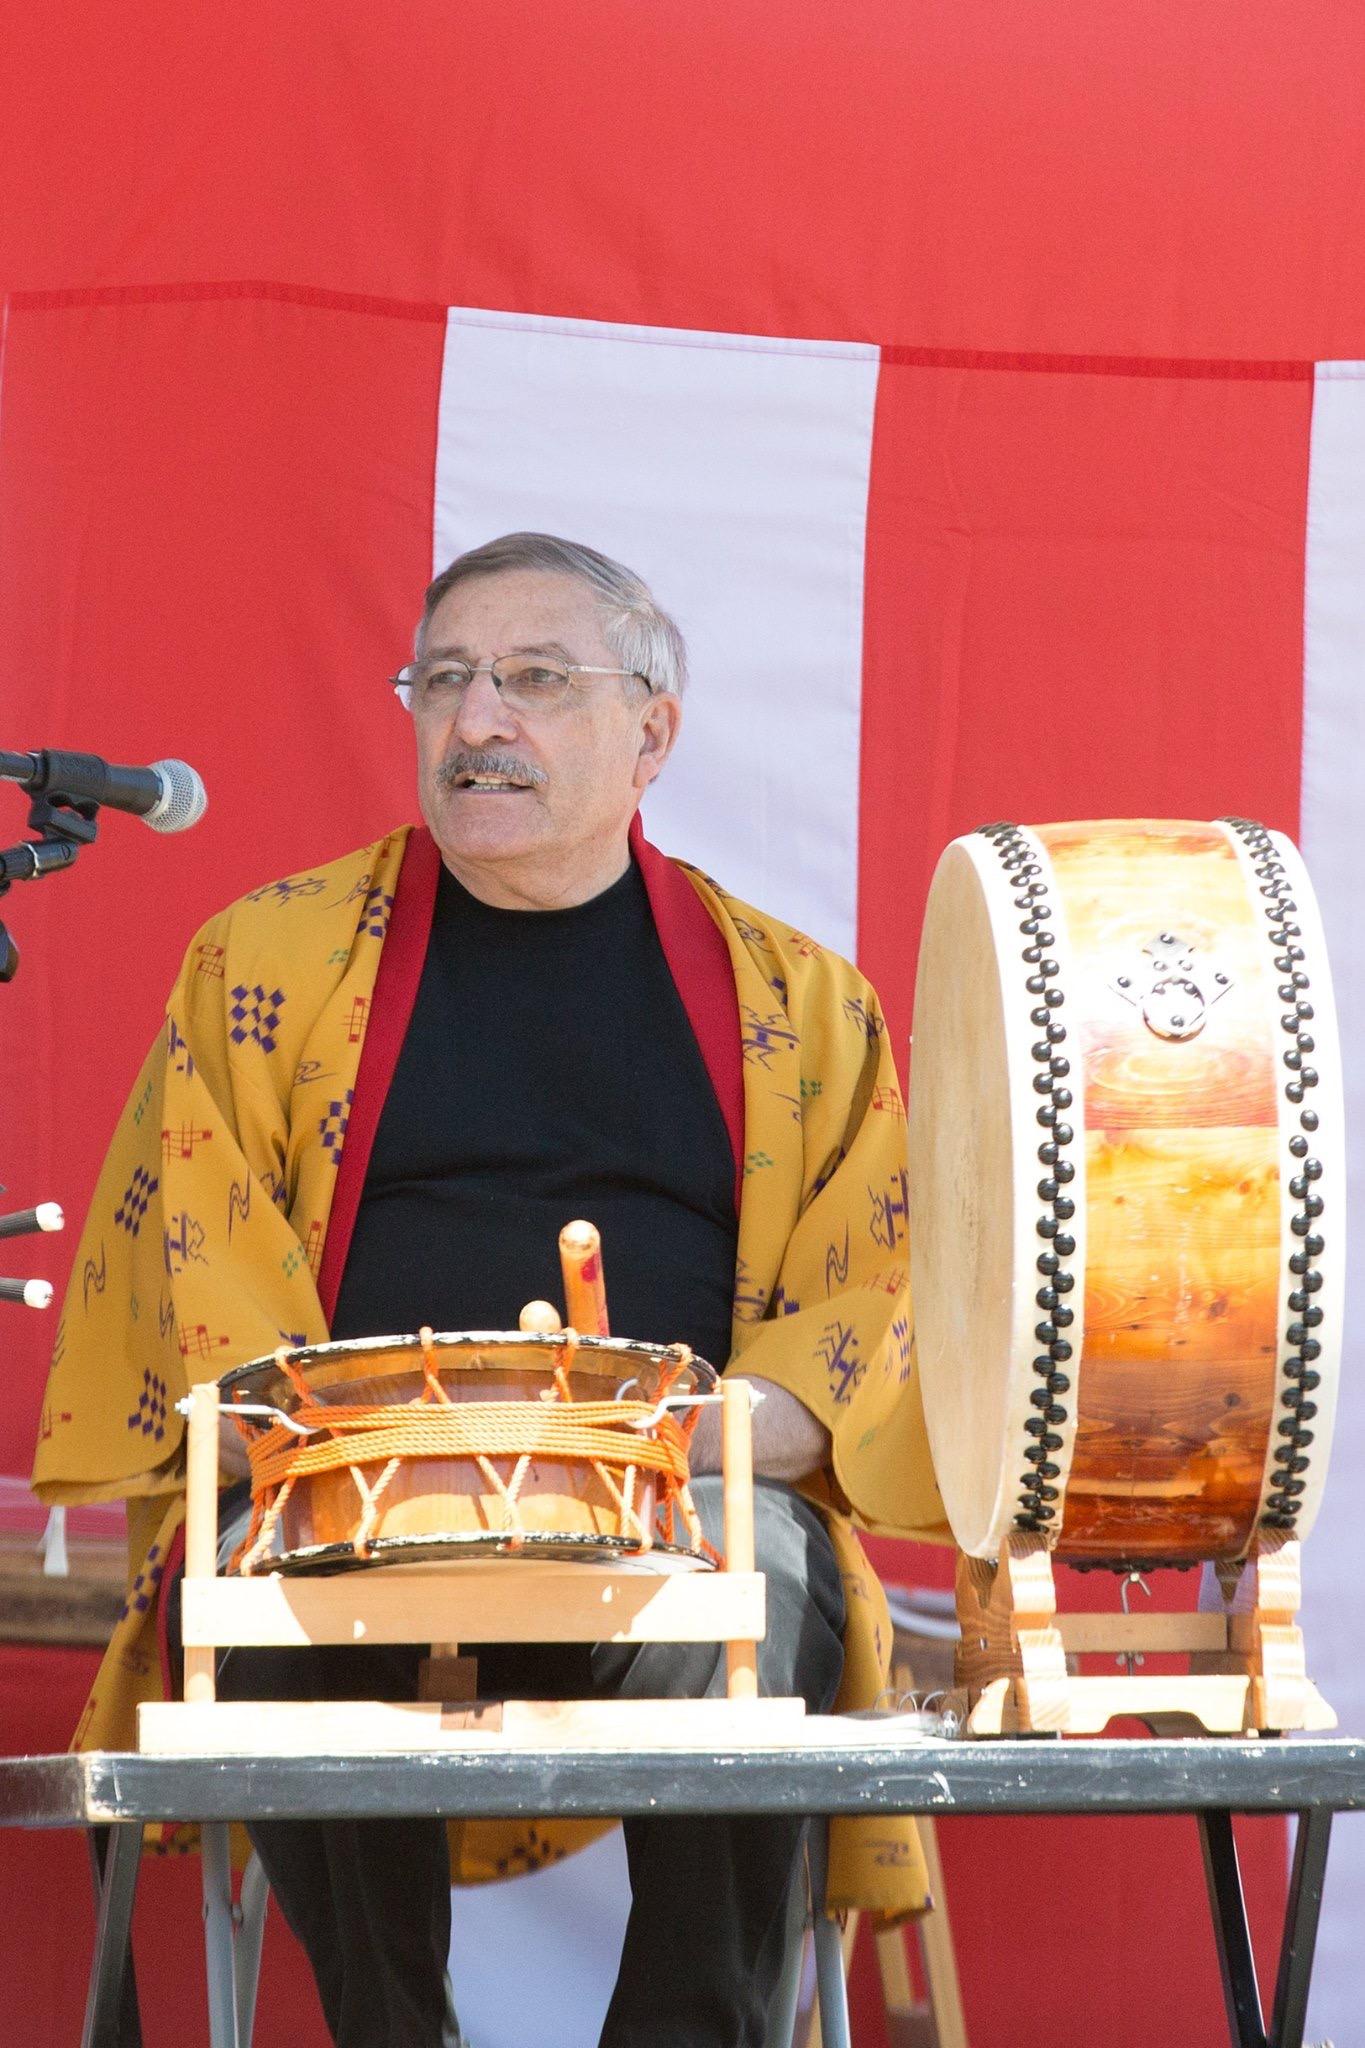 Gary-and-Taiko-drume